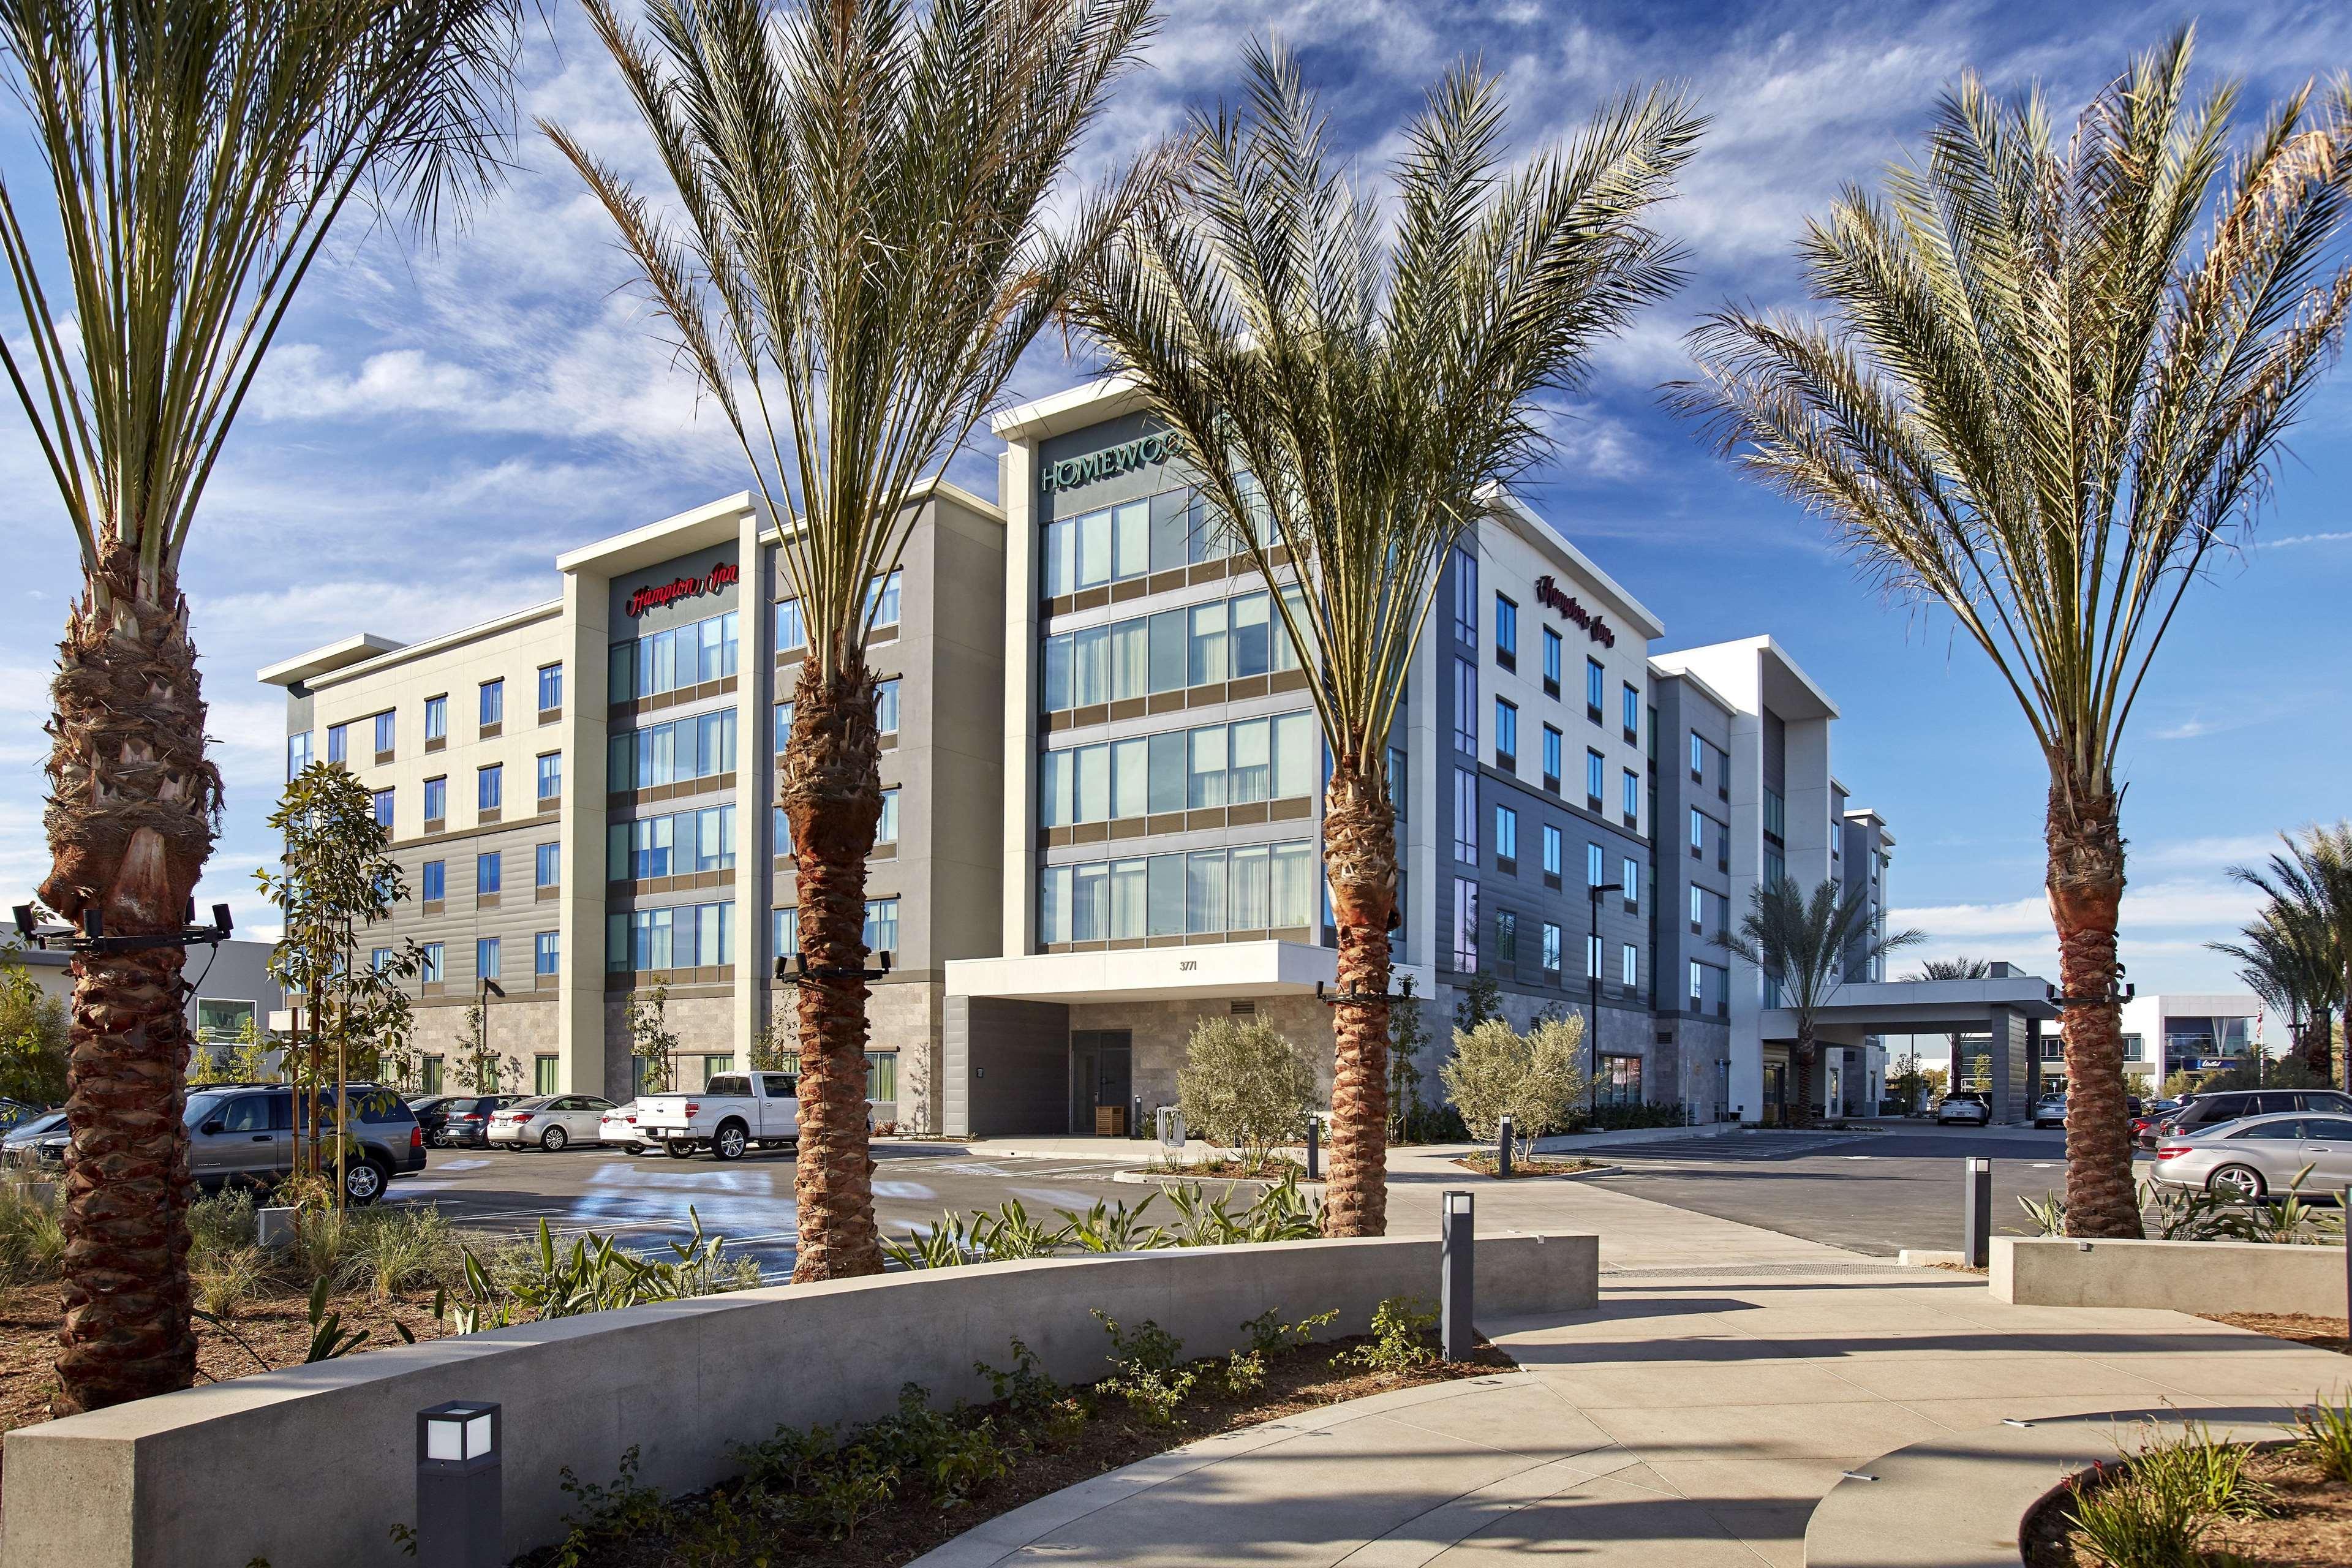 Hampton Inn Long Beach Airport image 0